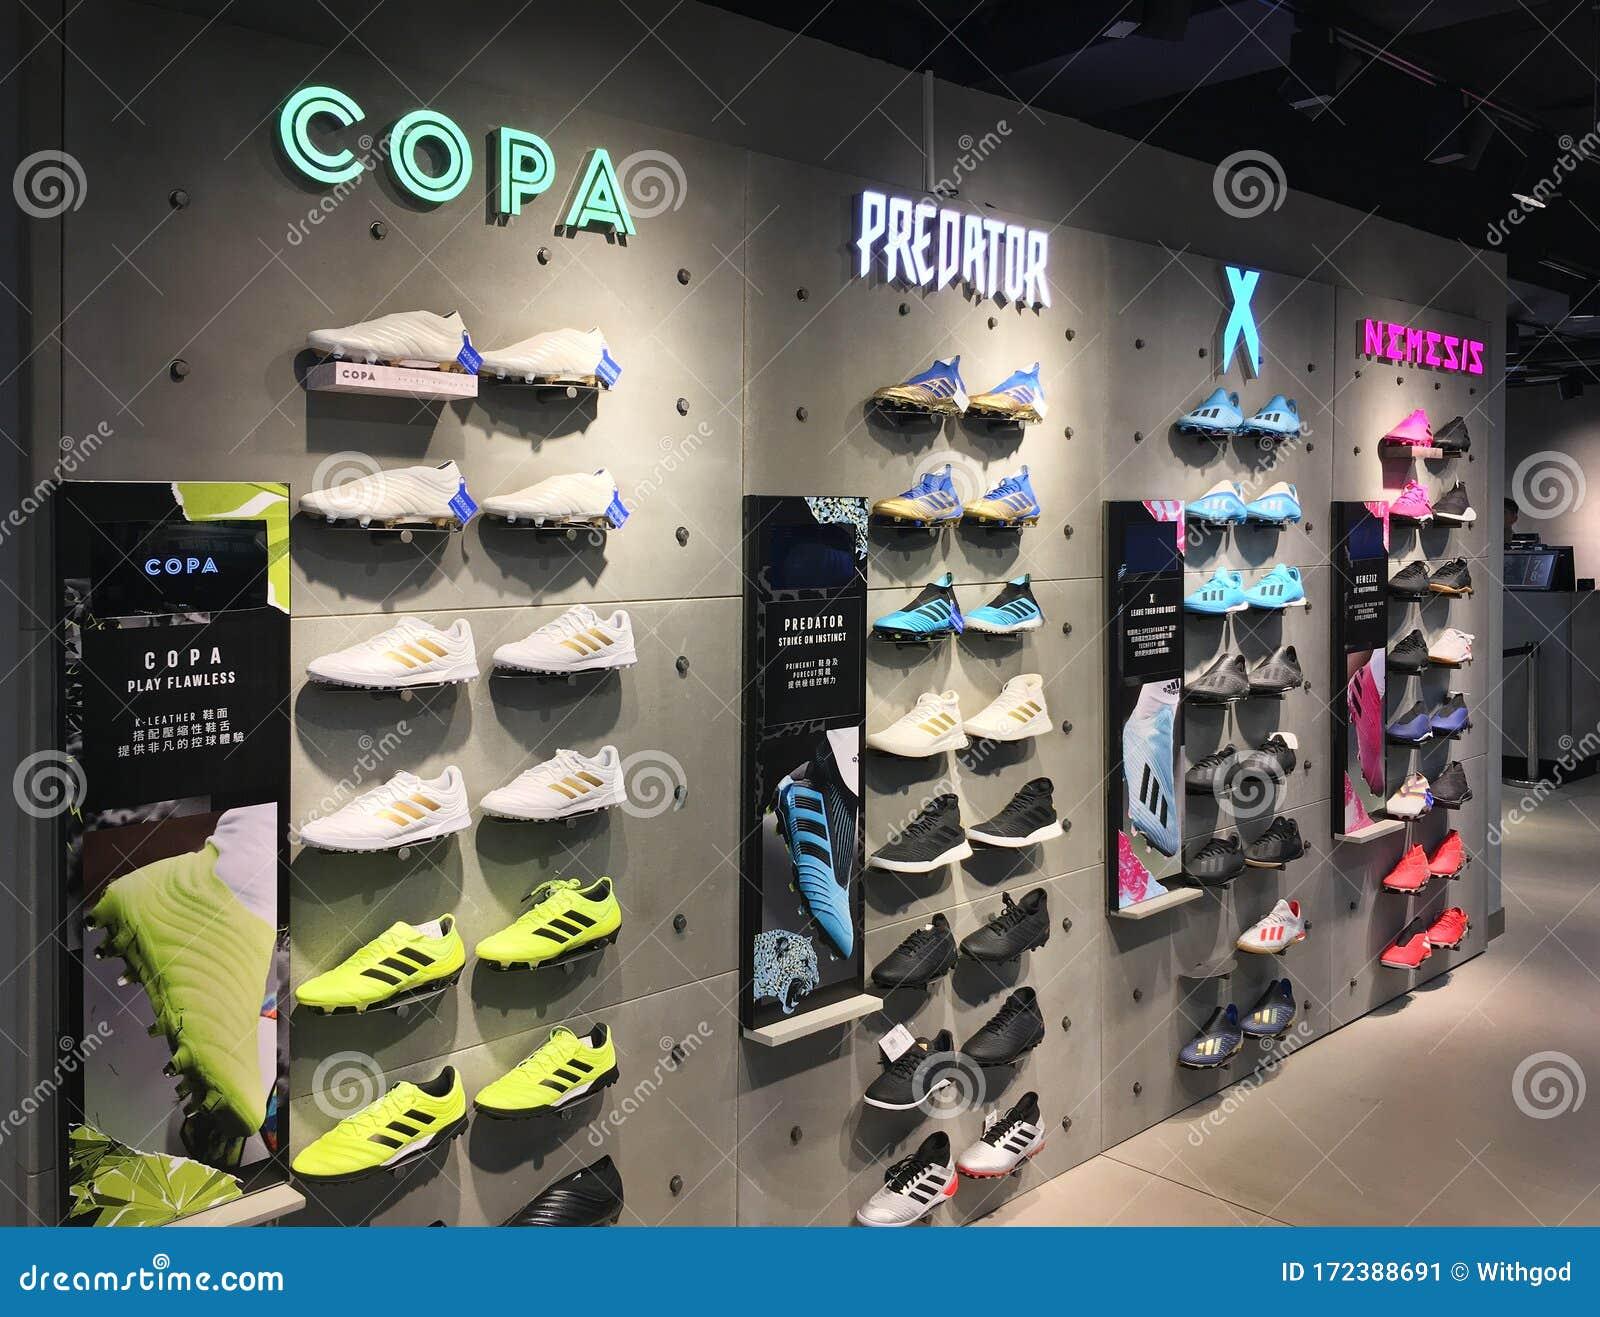 realce Dolor biografía  Adidas Store In Hankow Road, Hong Kong Editorial Photo - Image of china,  hong: 172388691